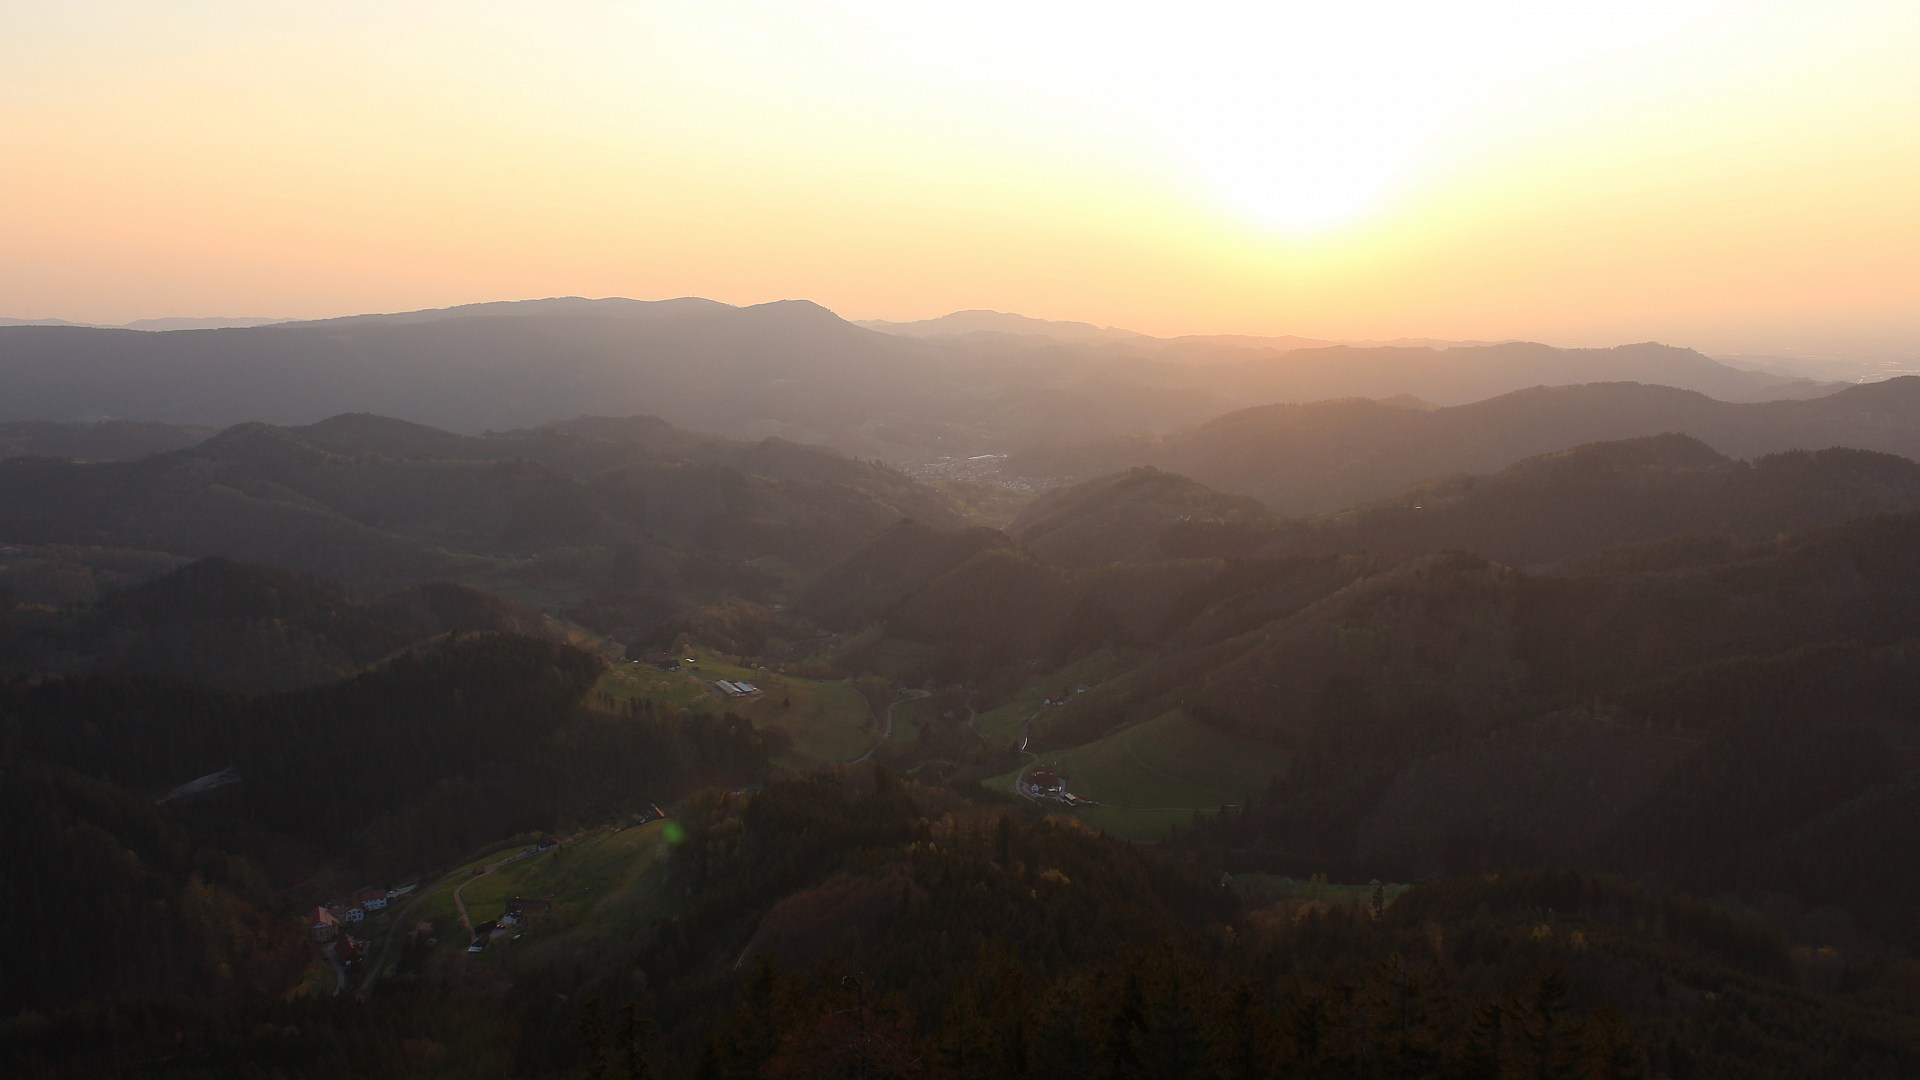 Aufnahme: Buchkopfturm vom 09.04.2020 19:40